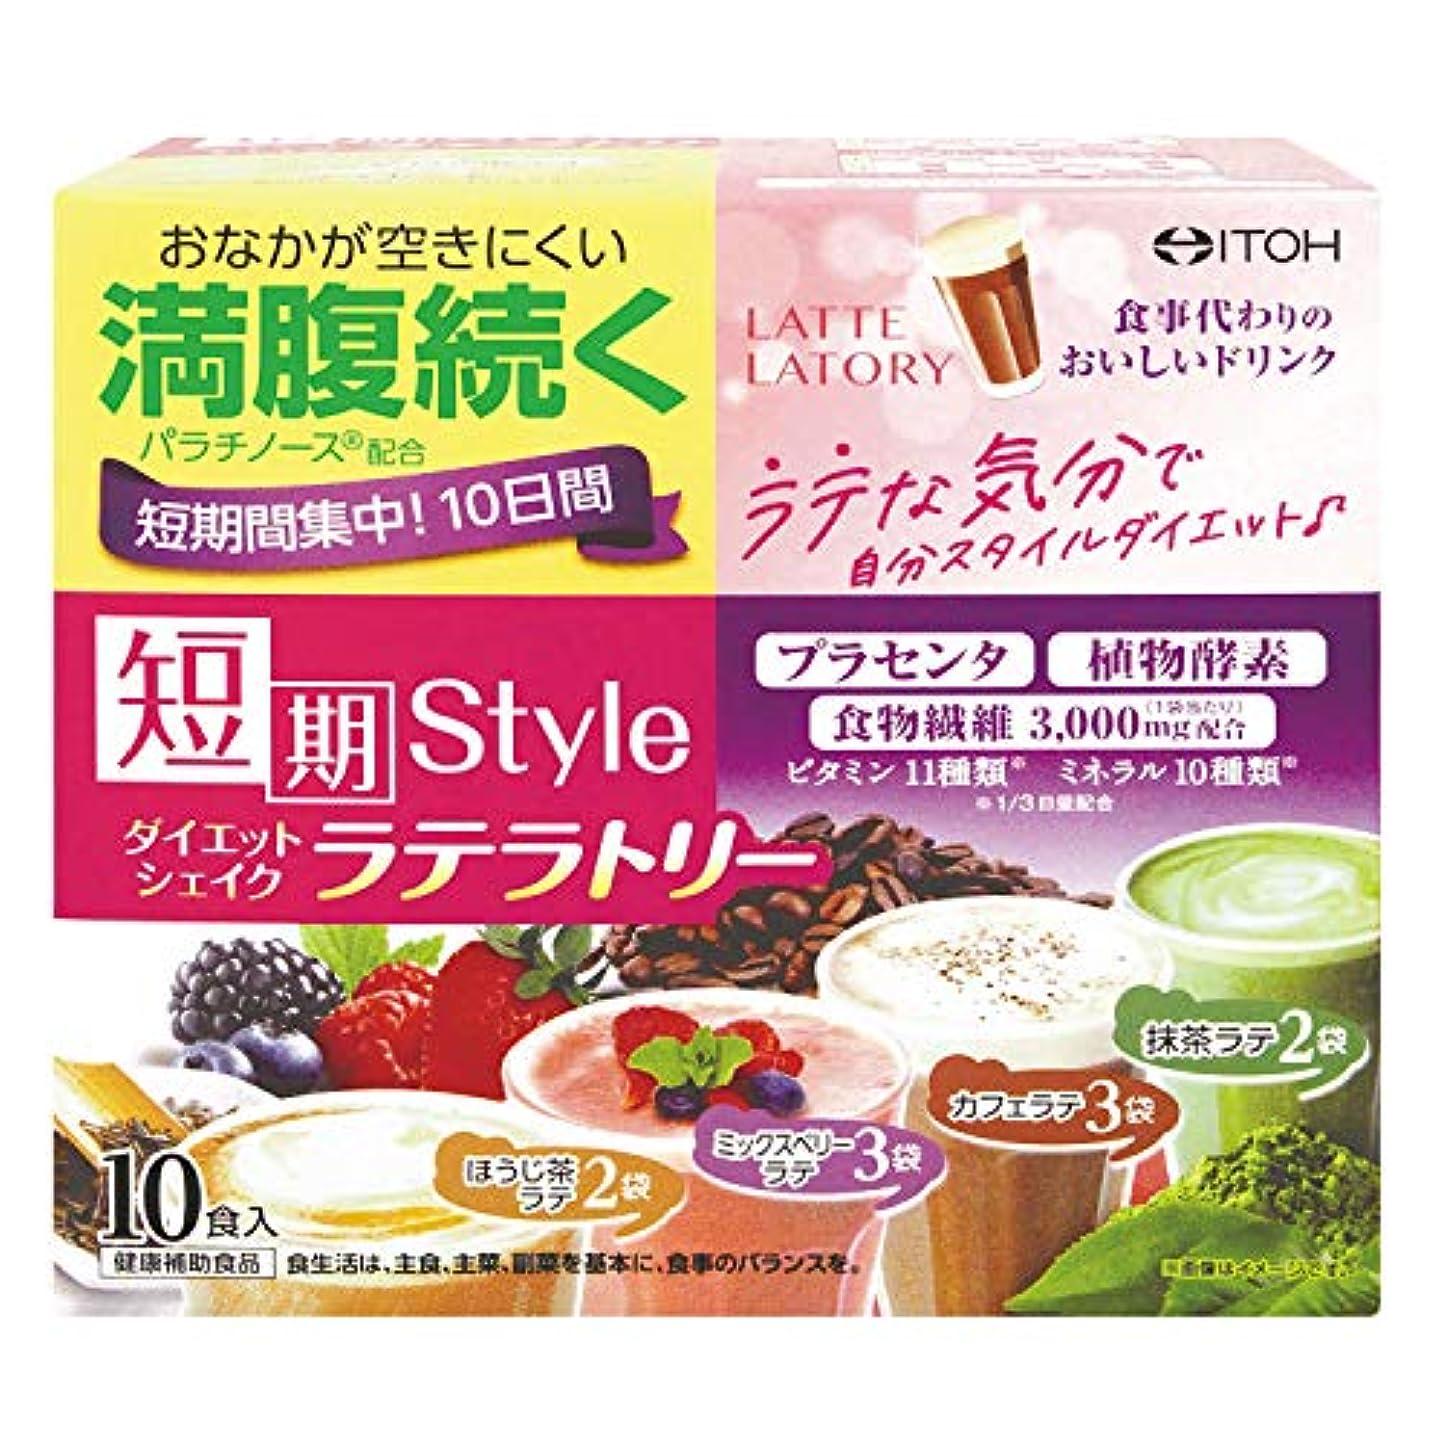 不名誉な仮定するスロー井藤漢方製薬 短期スタイルダイエットシェイク ラテラトリー 10食分 25g×10袋